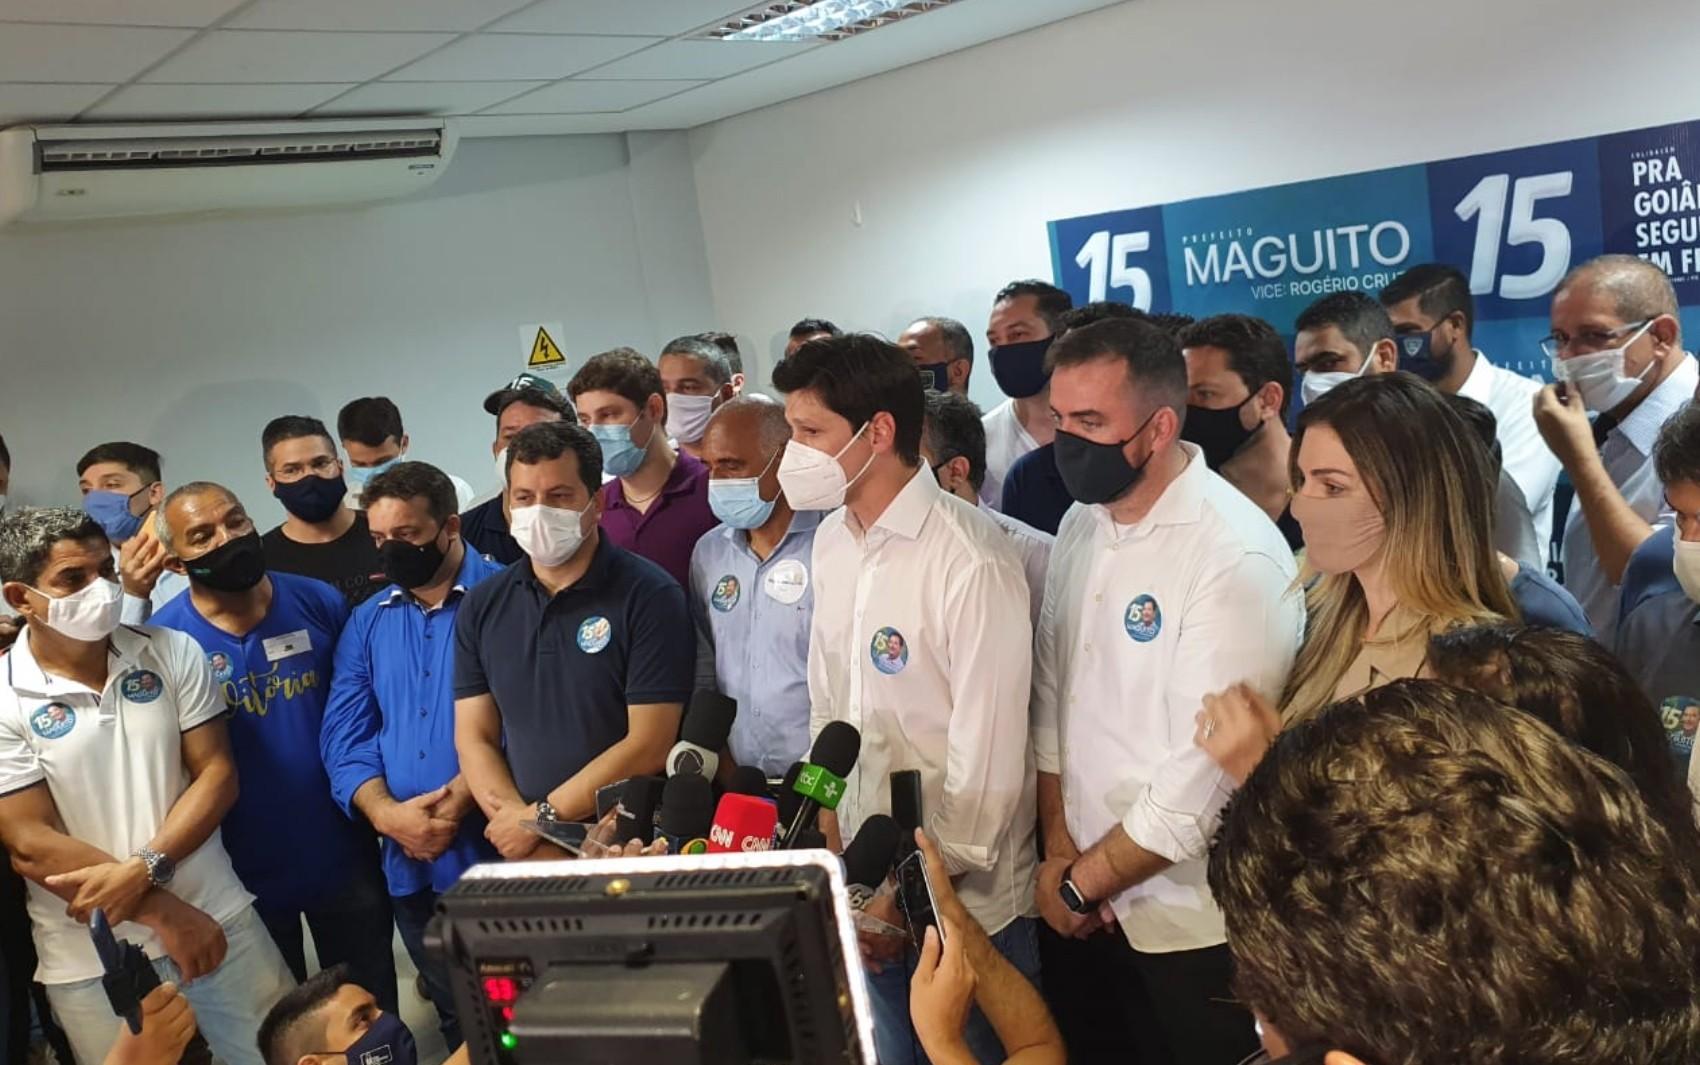 Número de abstenções supera votação do prefeito eleito de Goiânia, Maguito Vilela